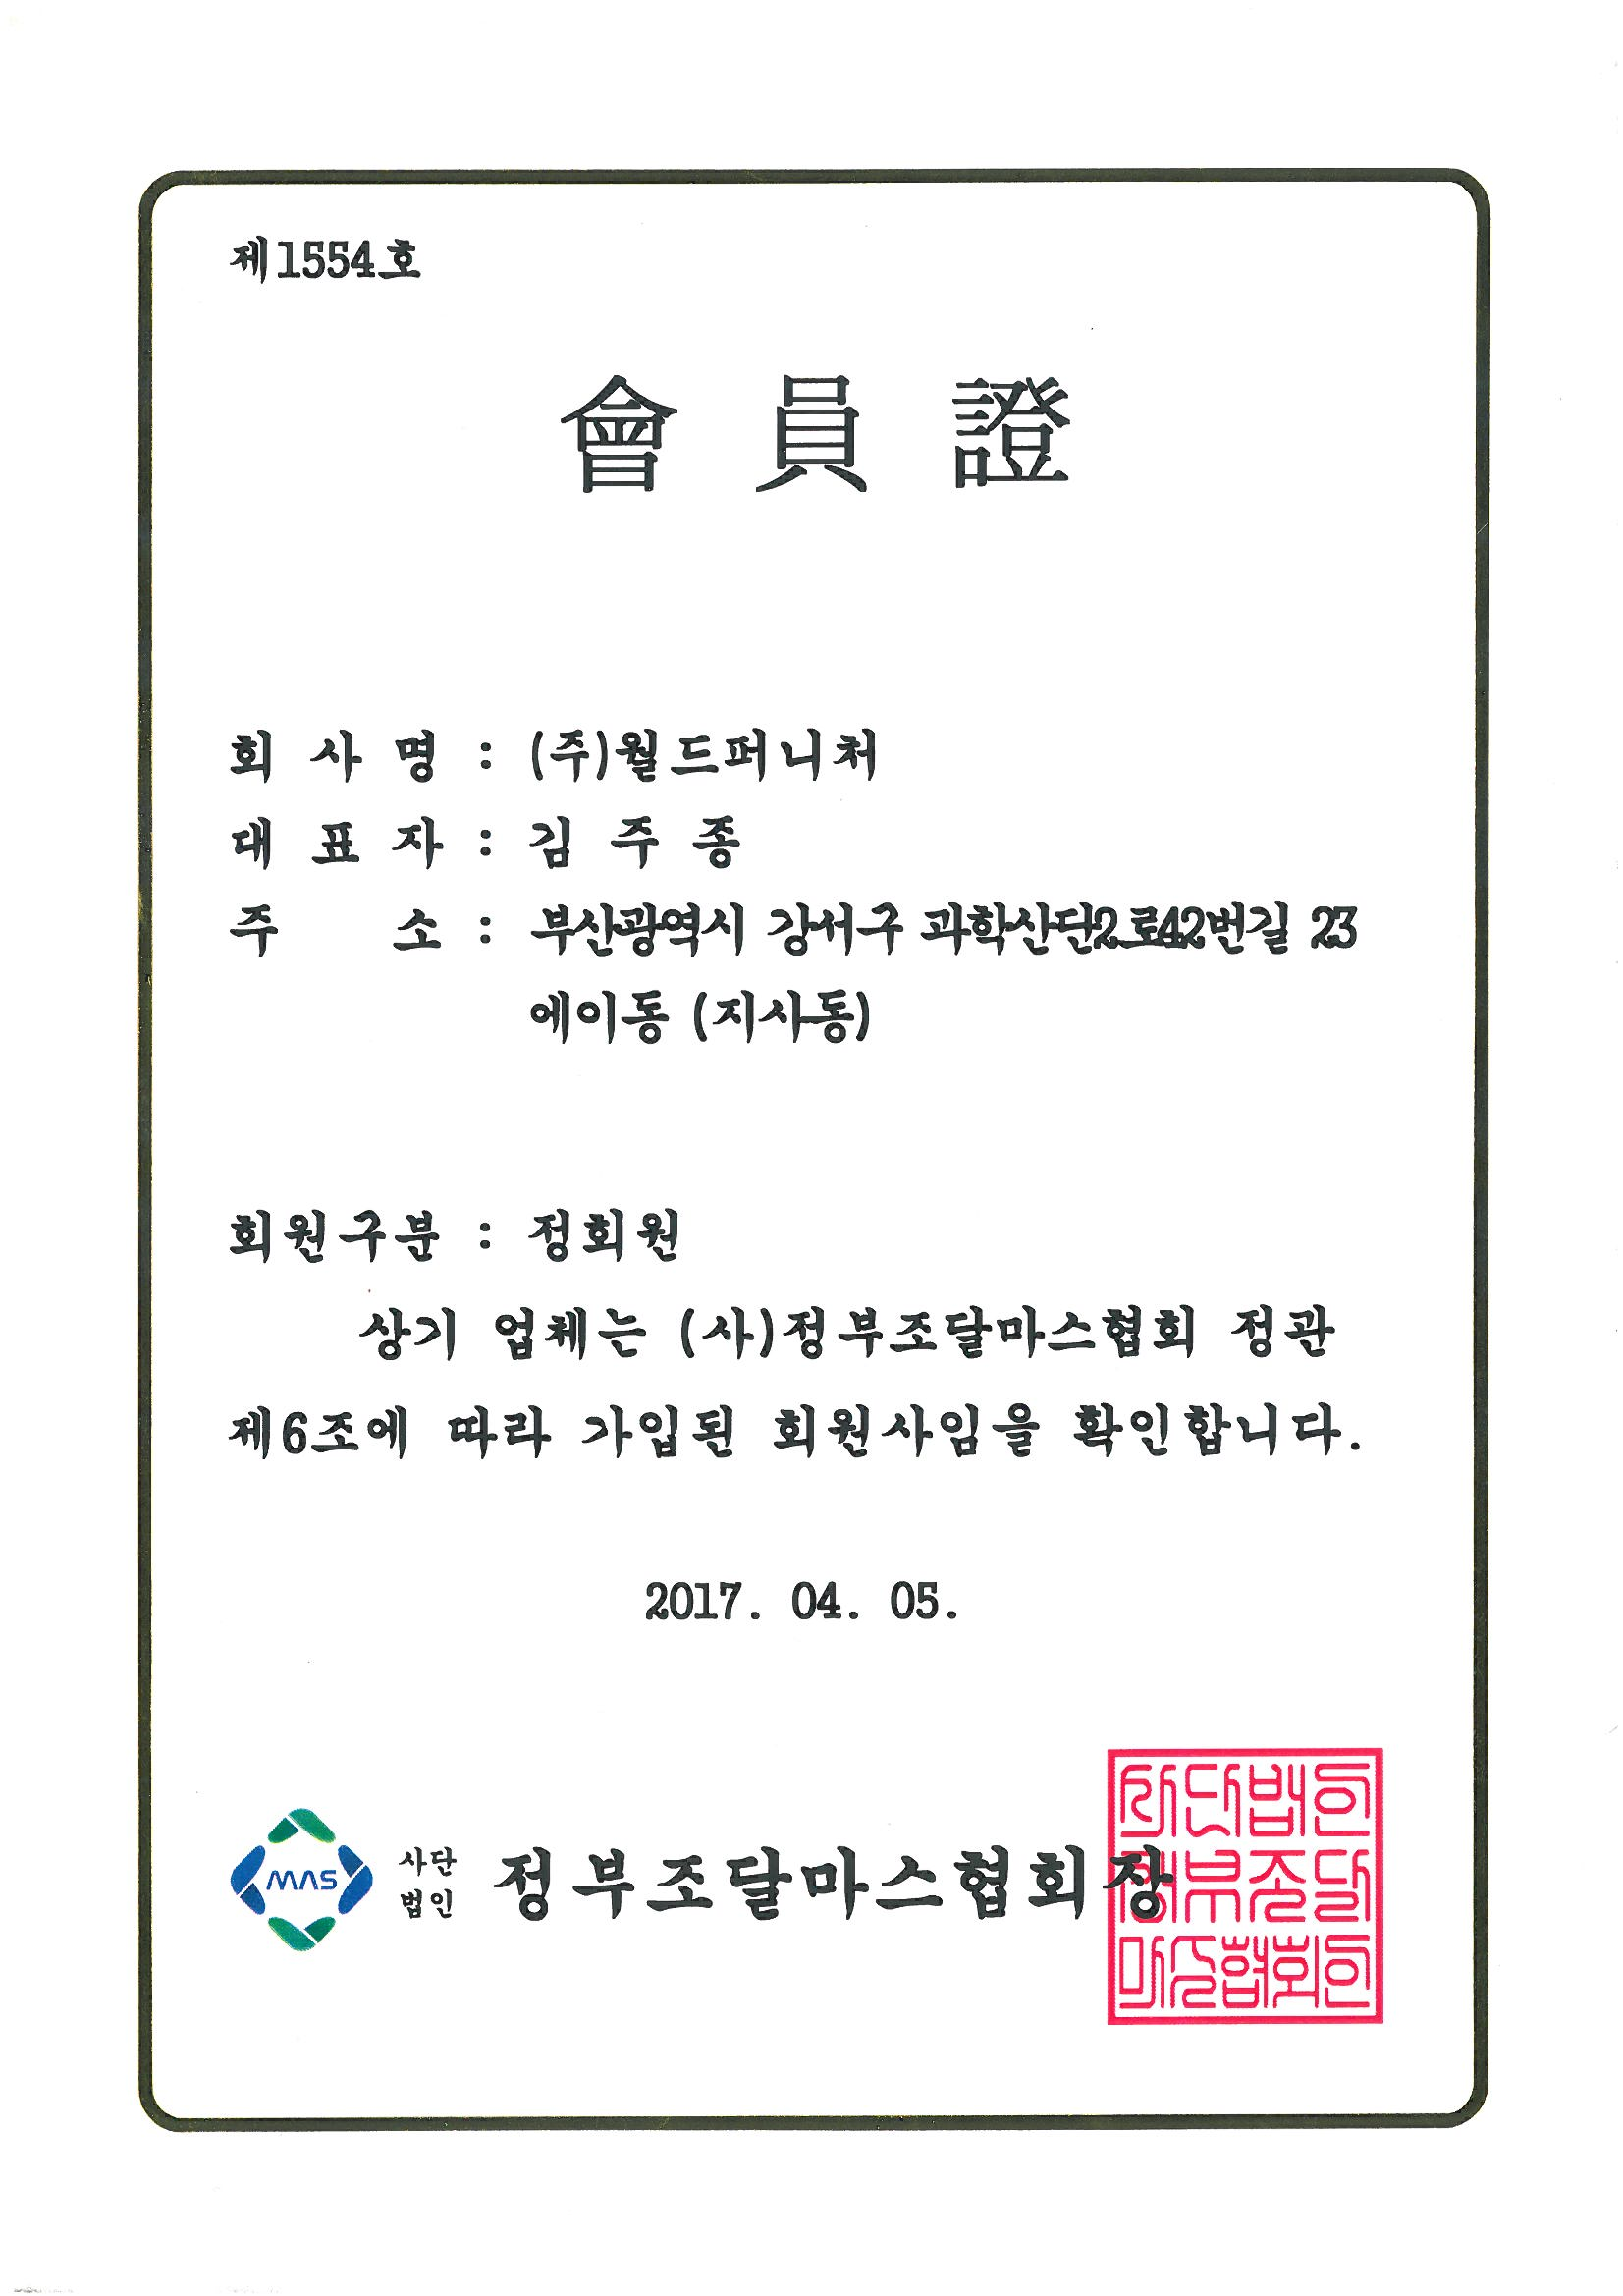 정부조달마스협회 회원증